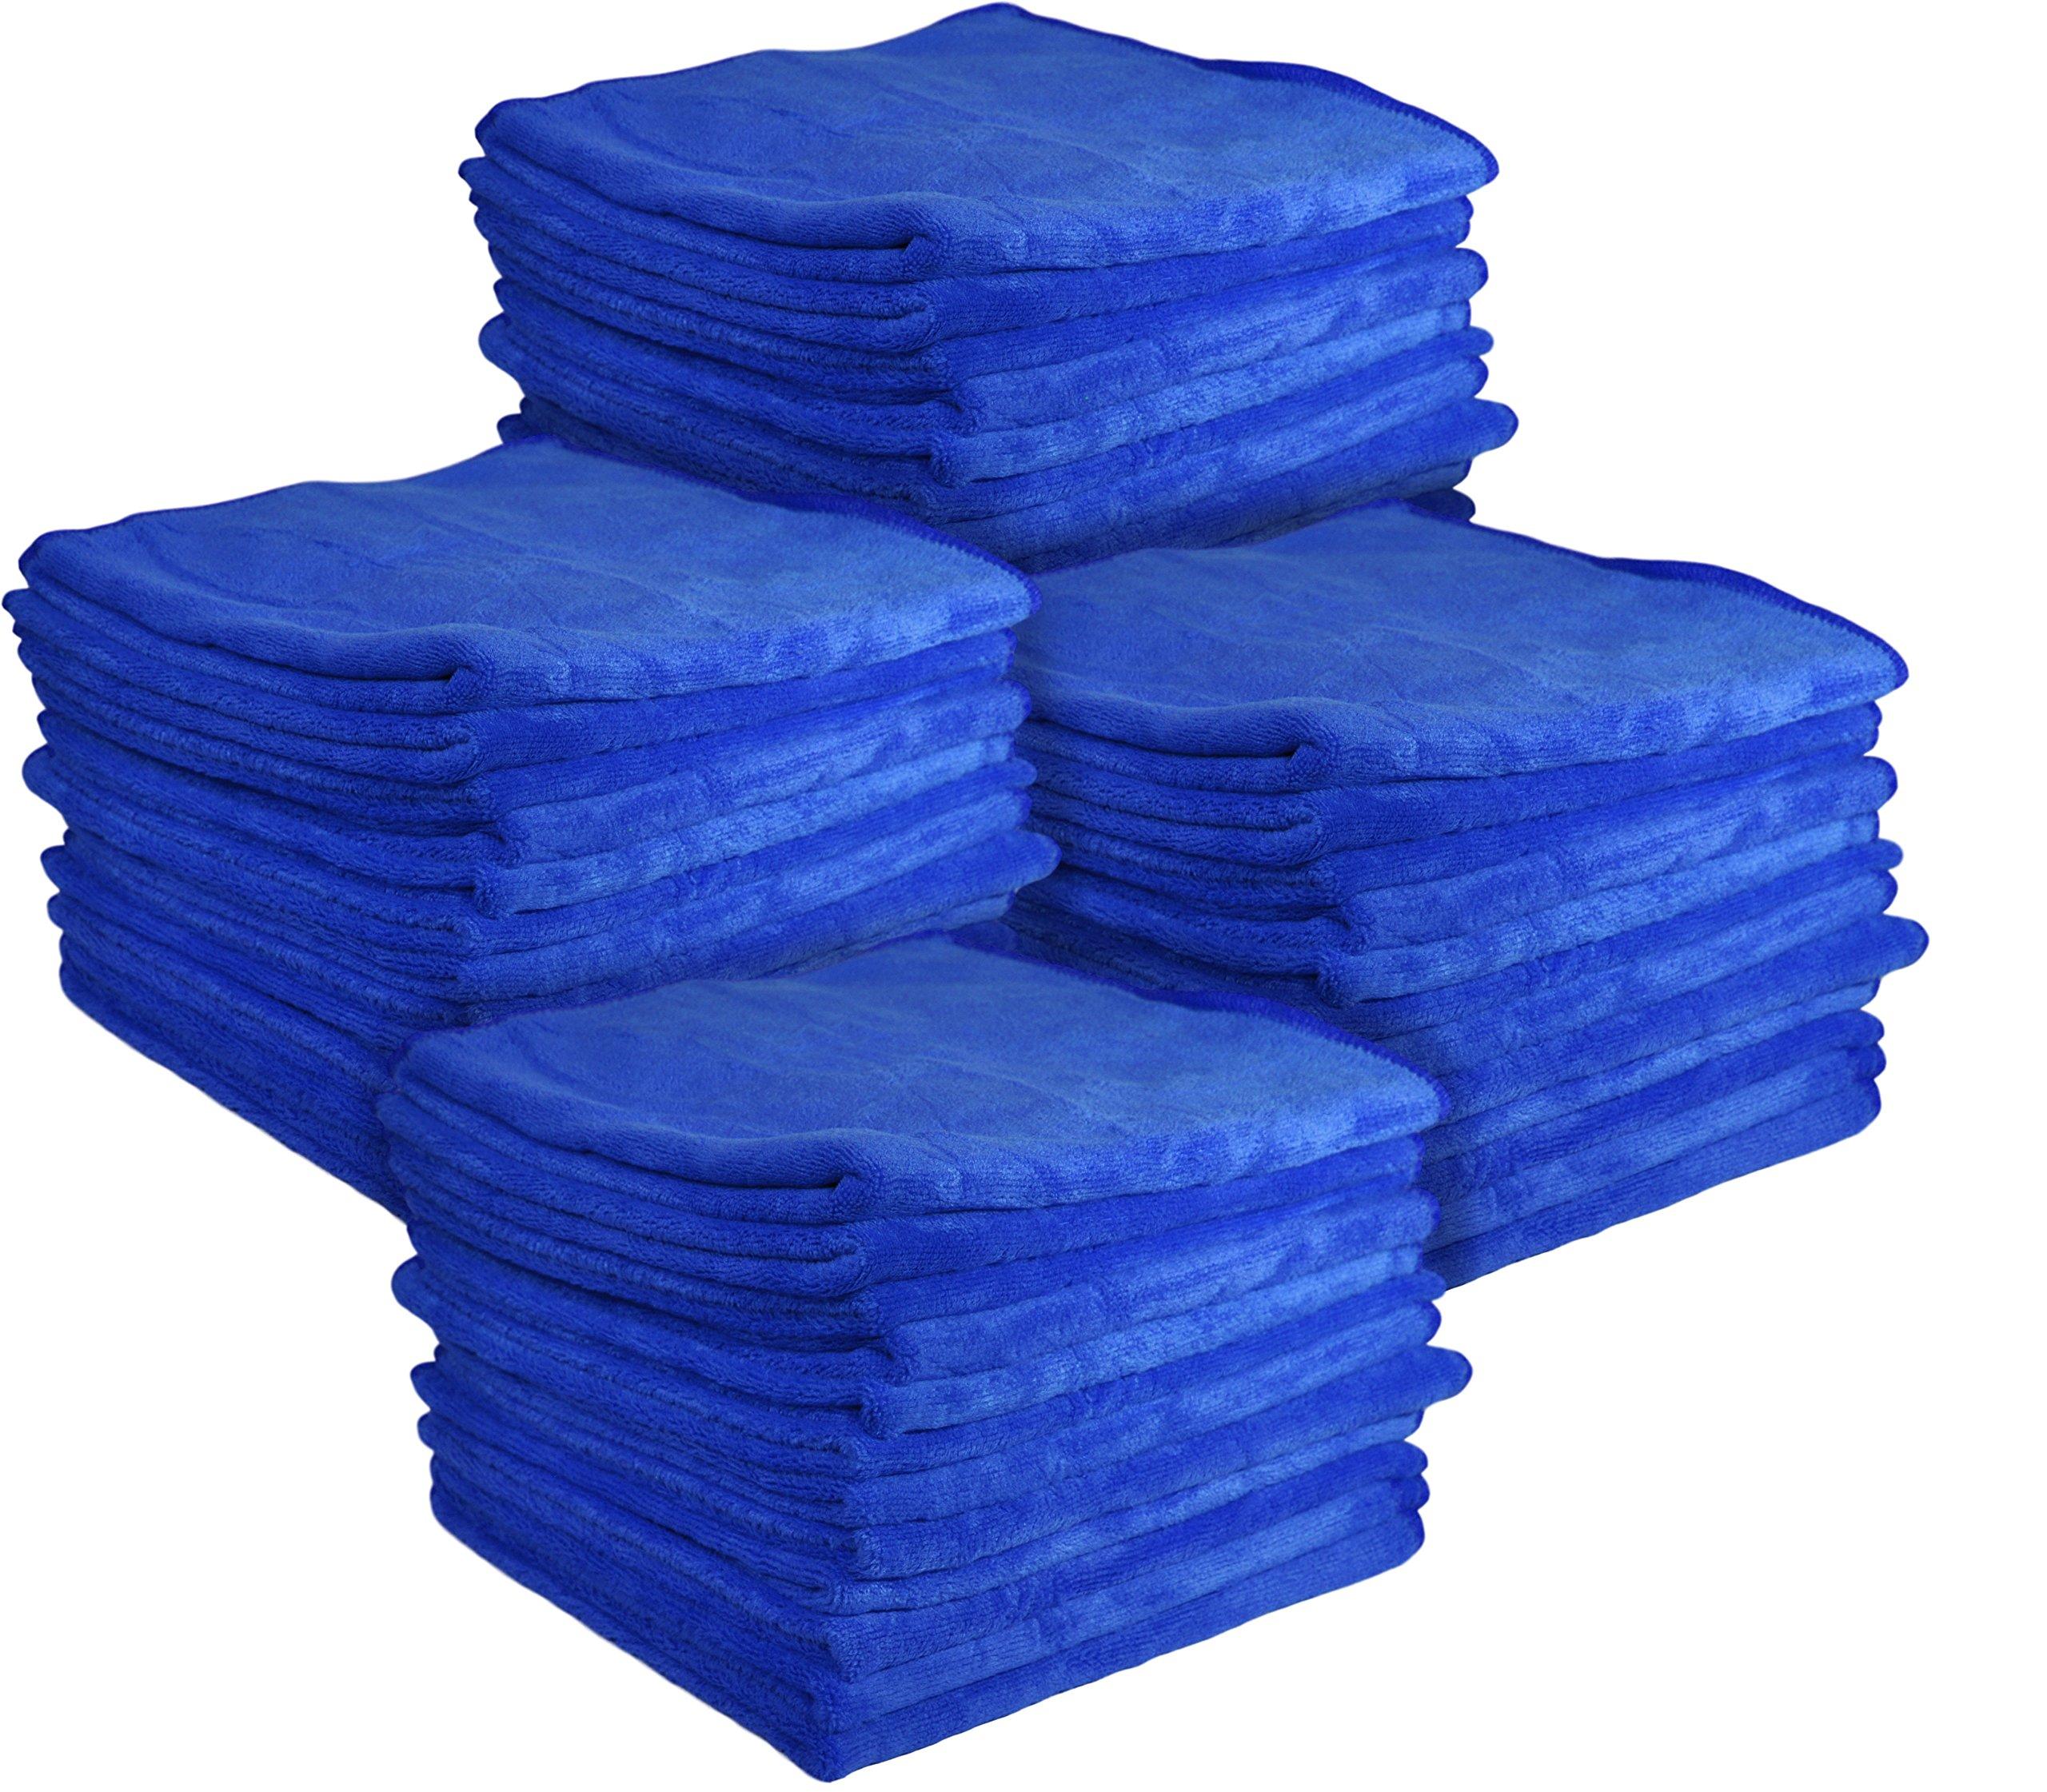 Detailer 365 UItraplush Premium Microfiber Towel - 16'' Square, 400GSM (48 Pack, Blue)